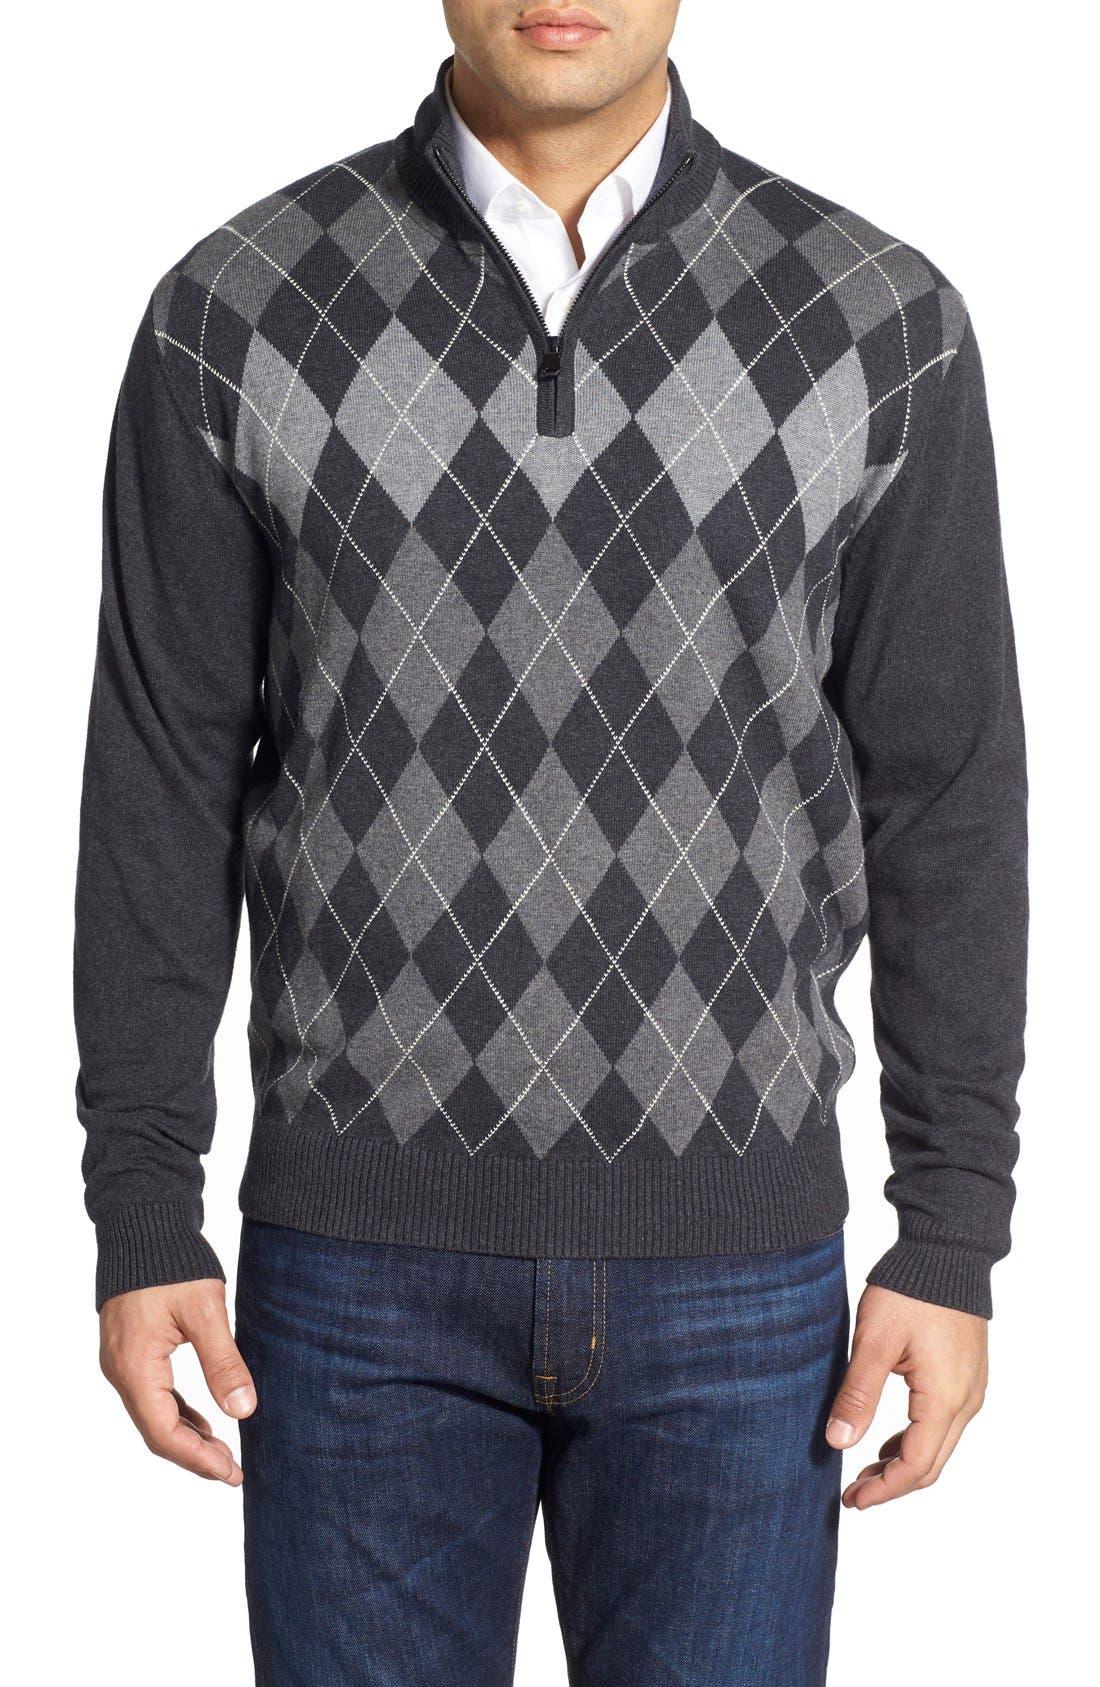 CUTTER & BUCK 'Blackcomb' Quarter Zip Argyle Knit